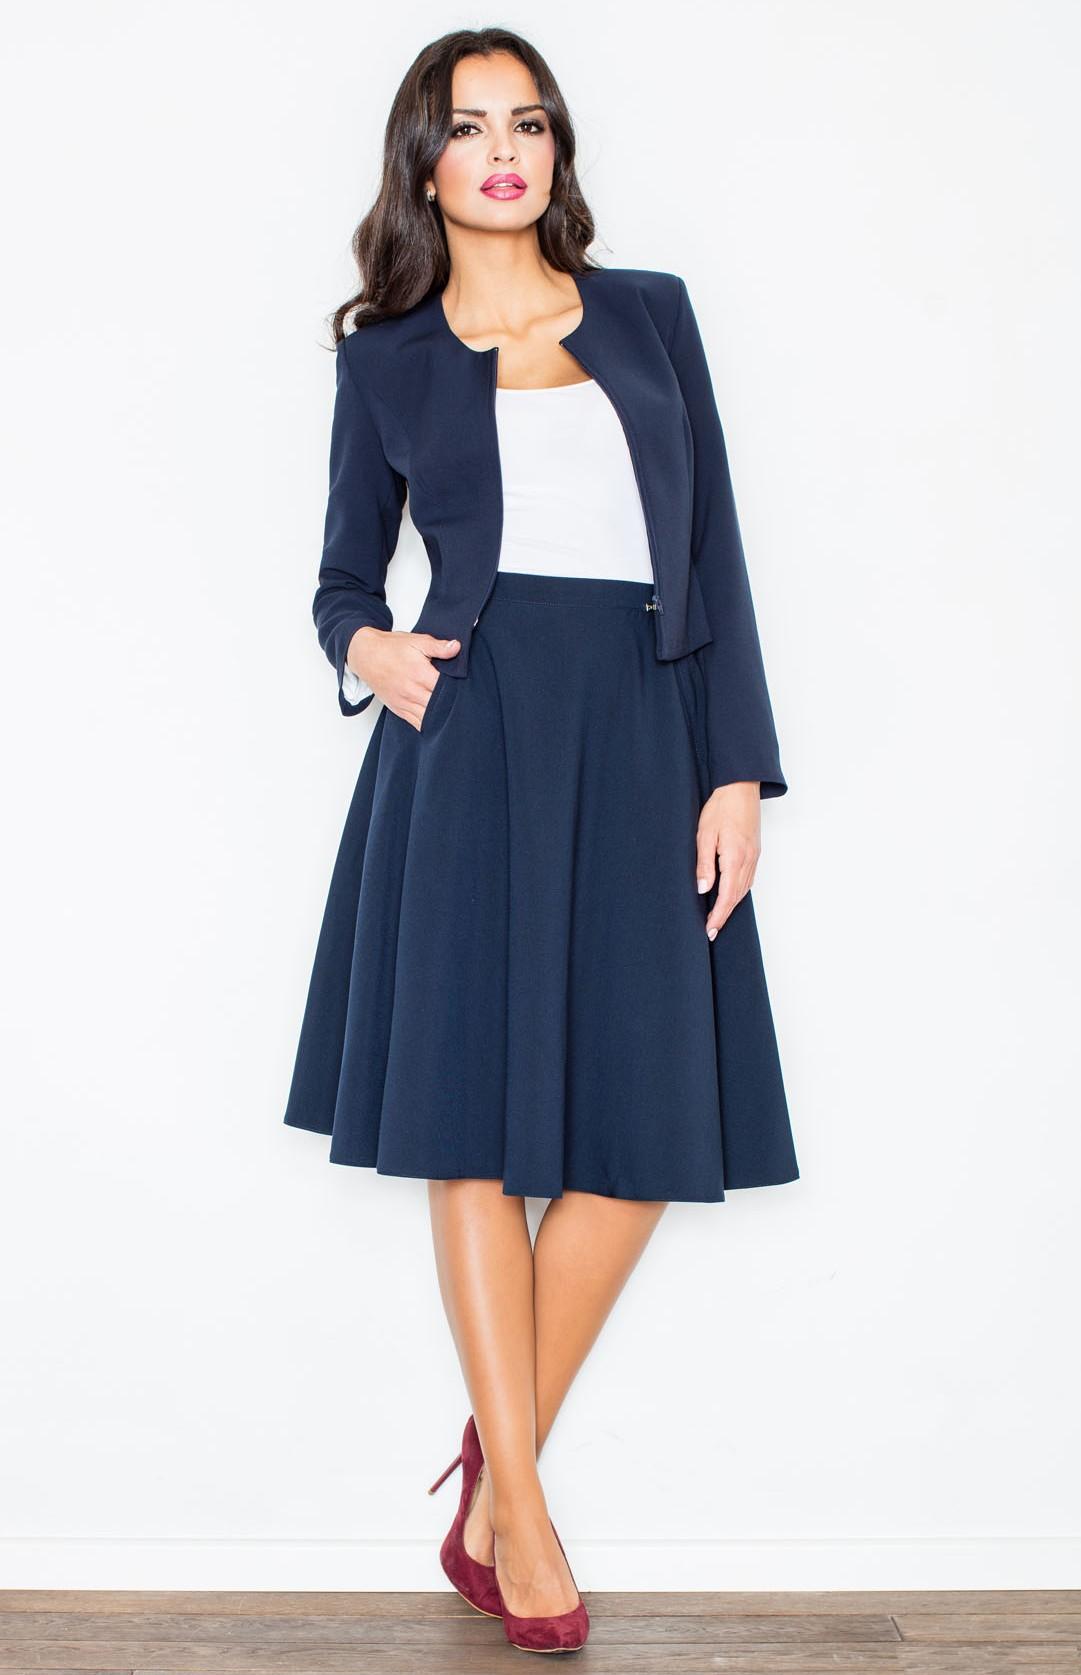 Veste de tailleur femme chic